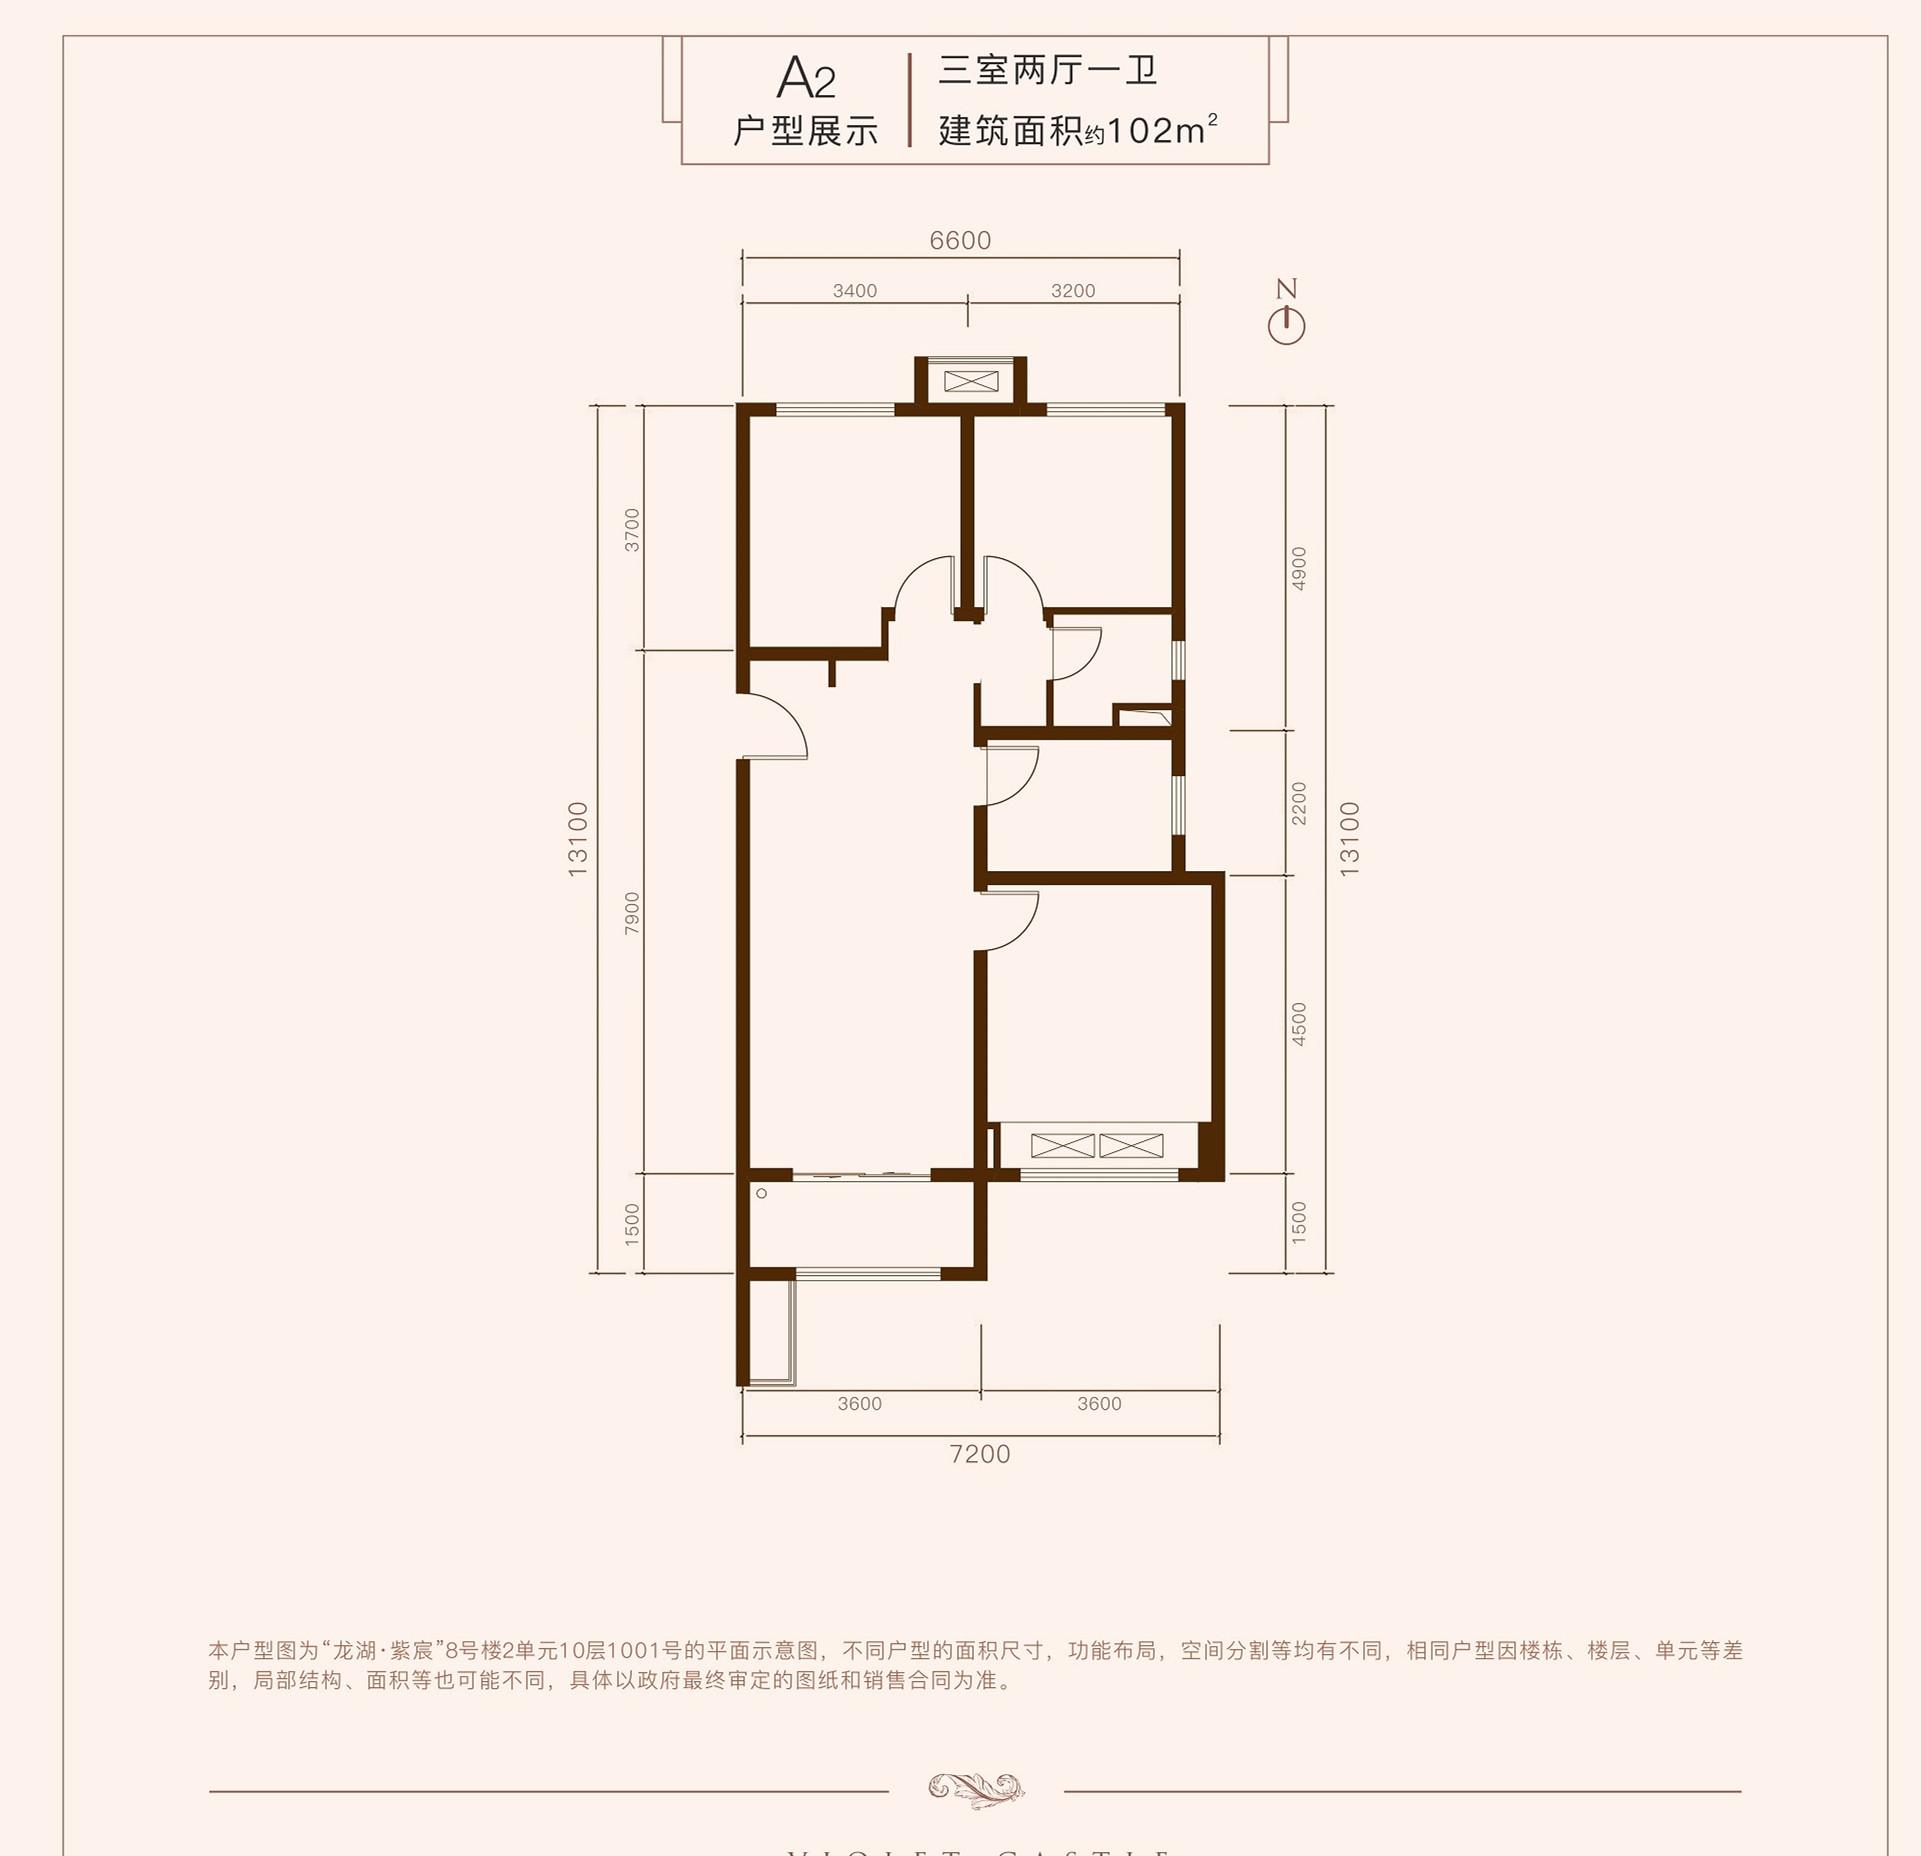 龙湖紫宸102三室两厅一卫A2户型图